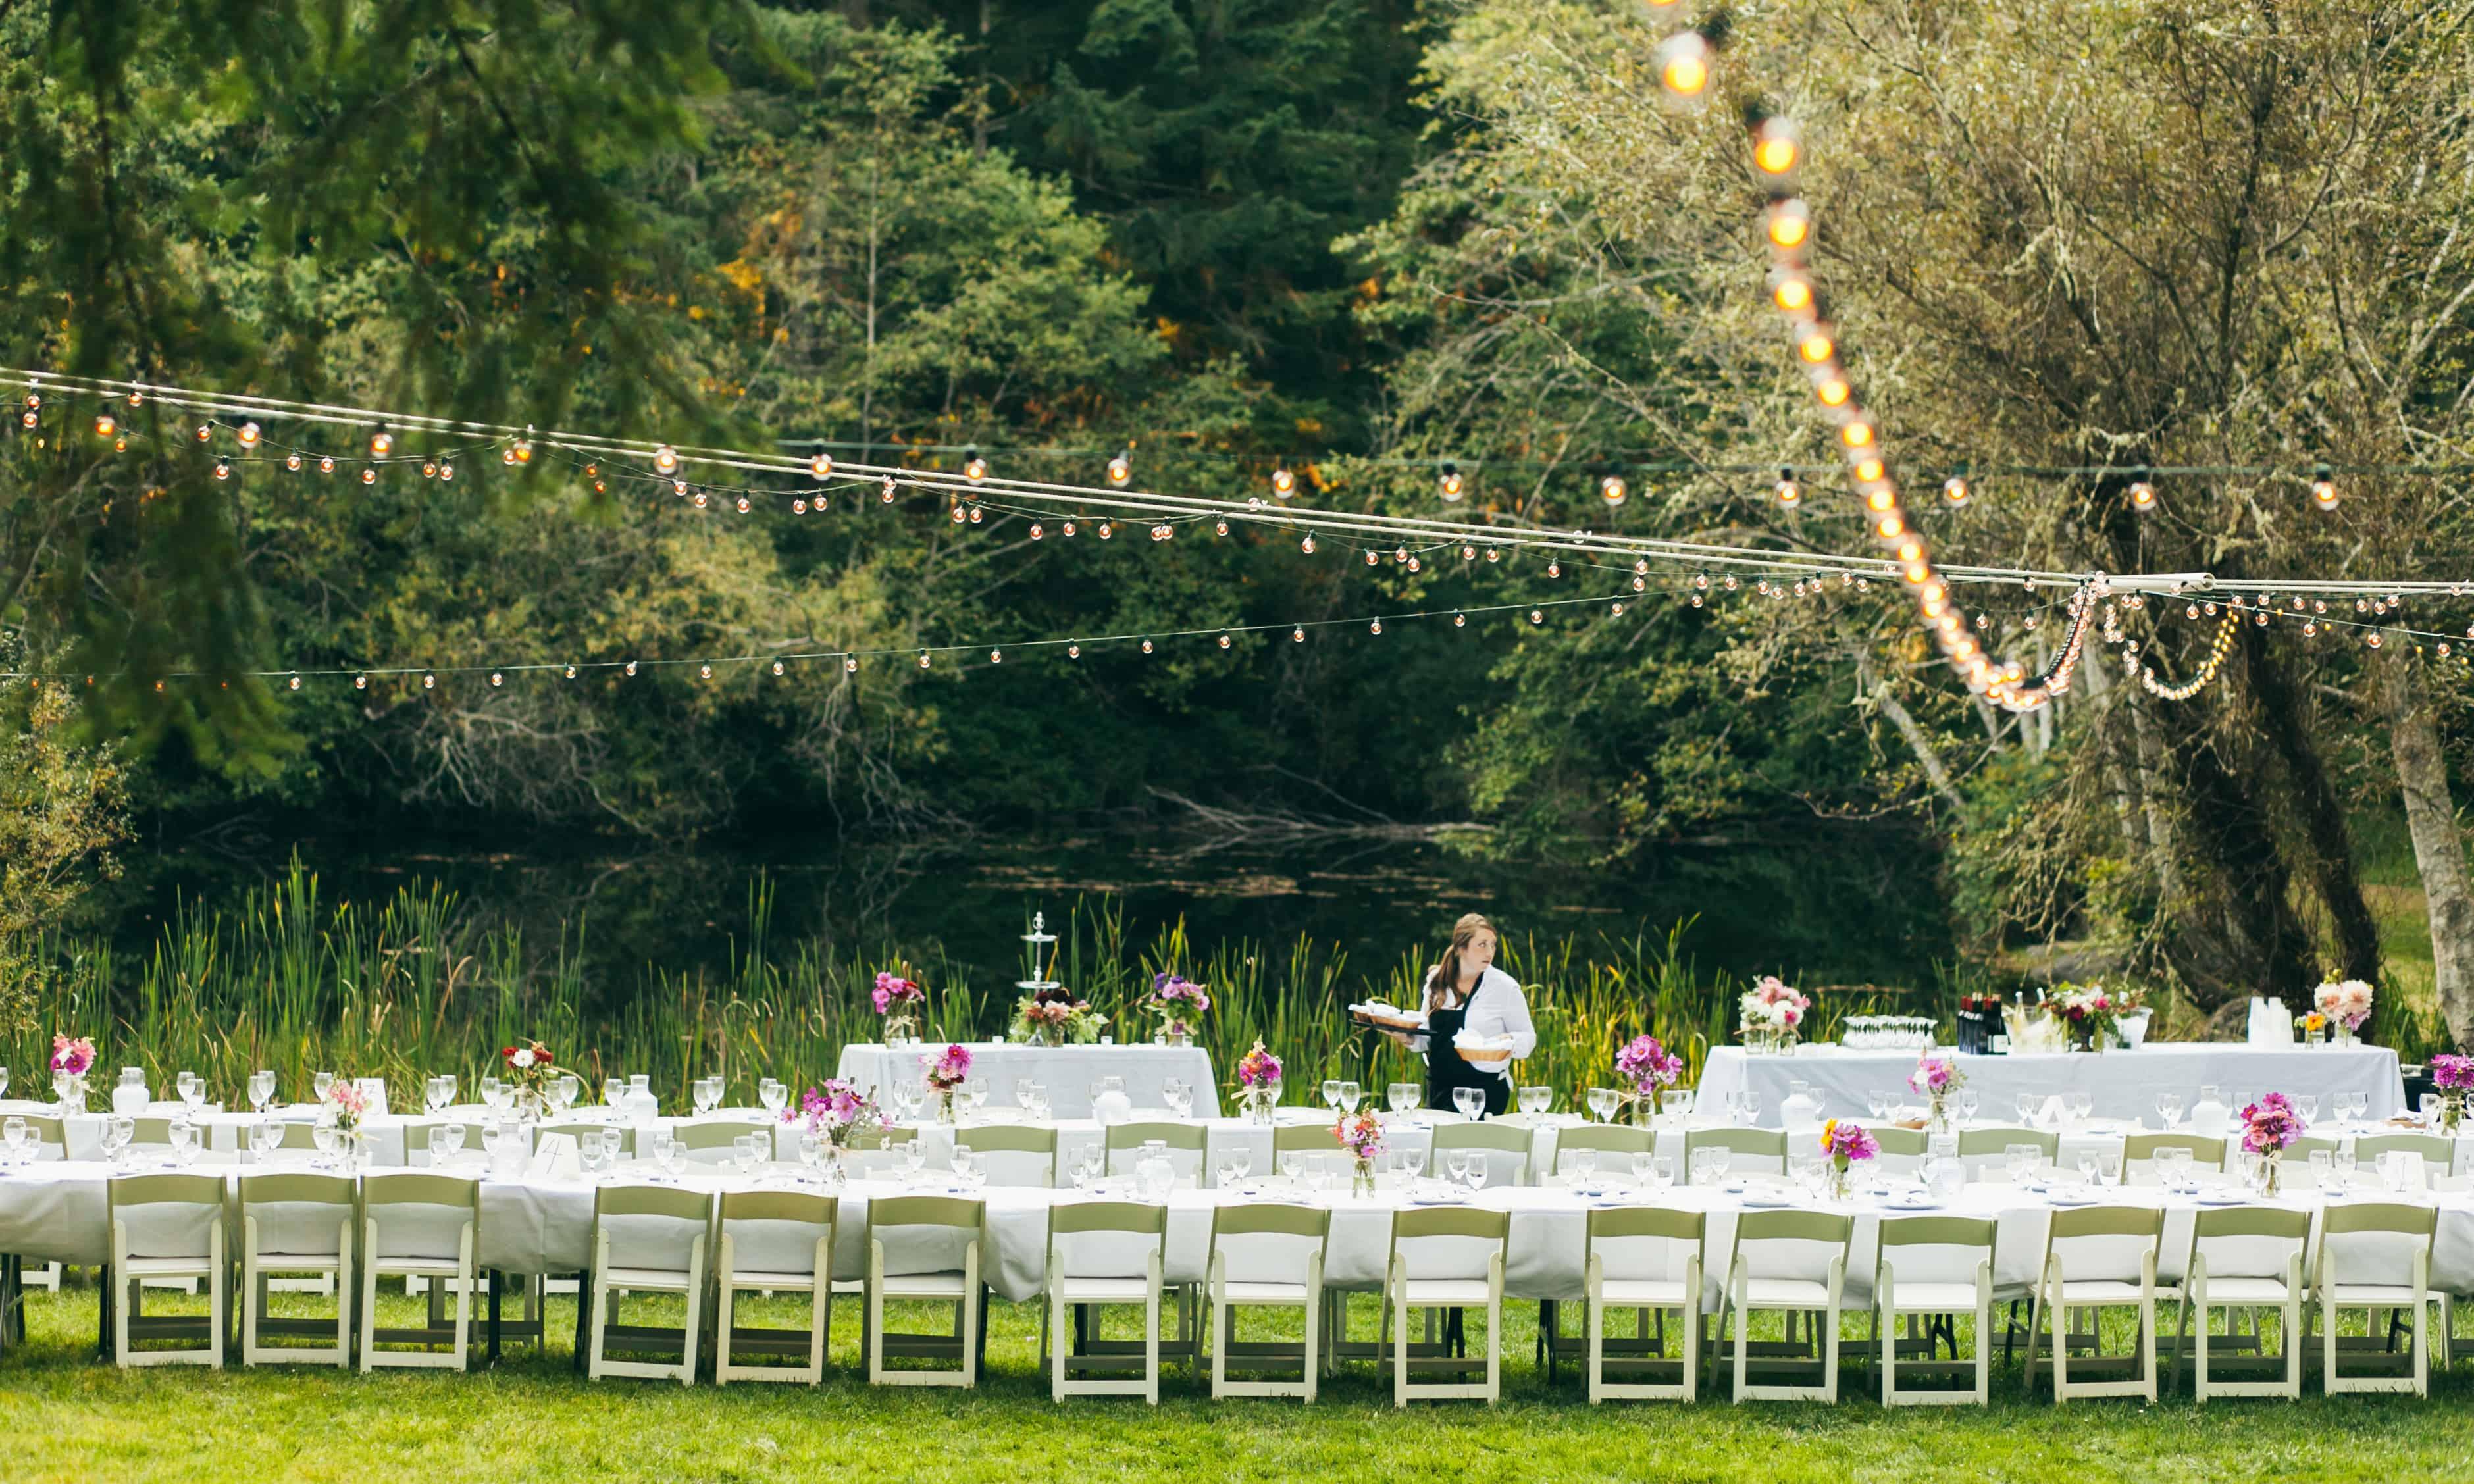 1280 long table in meadow